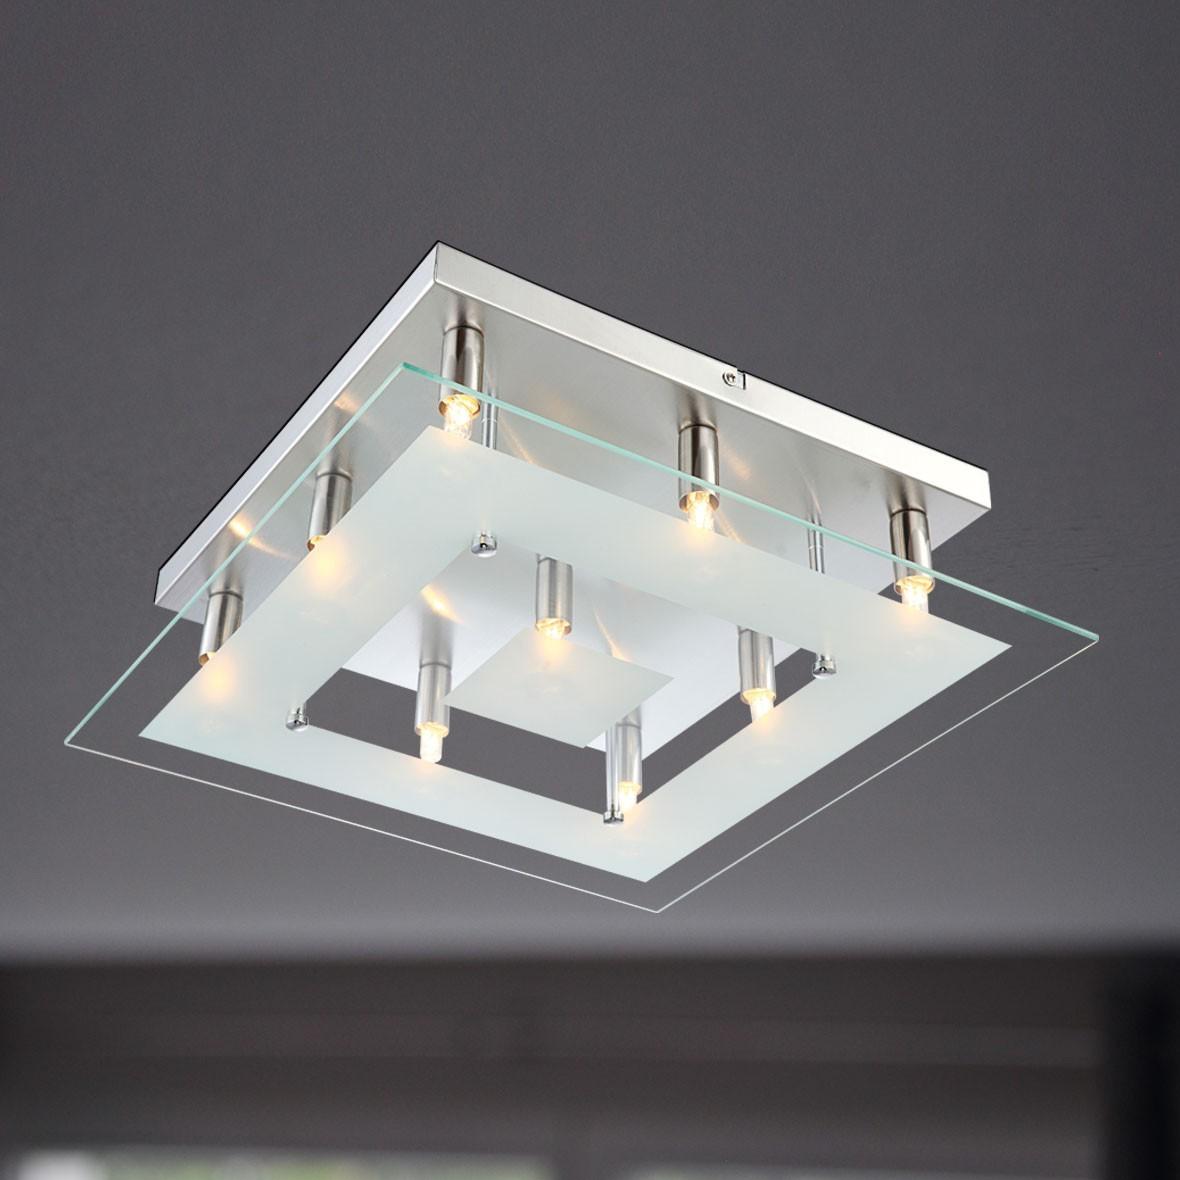 Wofi deckenleuchte halogen lampe lyon 9x g9 33 w for Deckenleuchte lampe